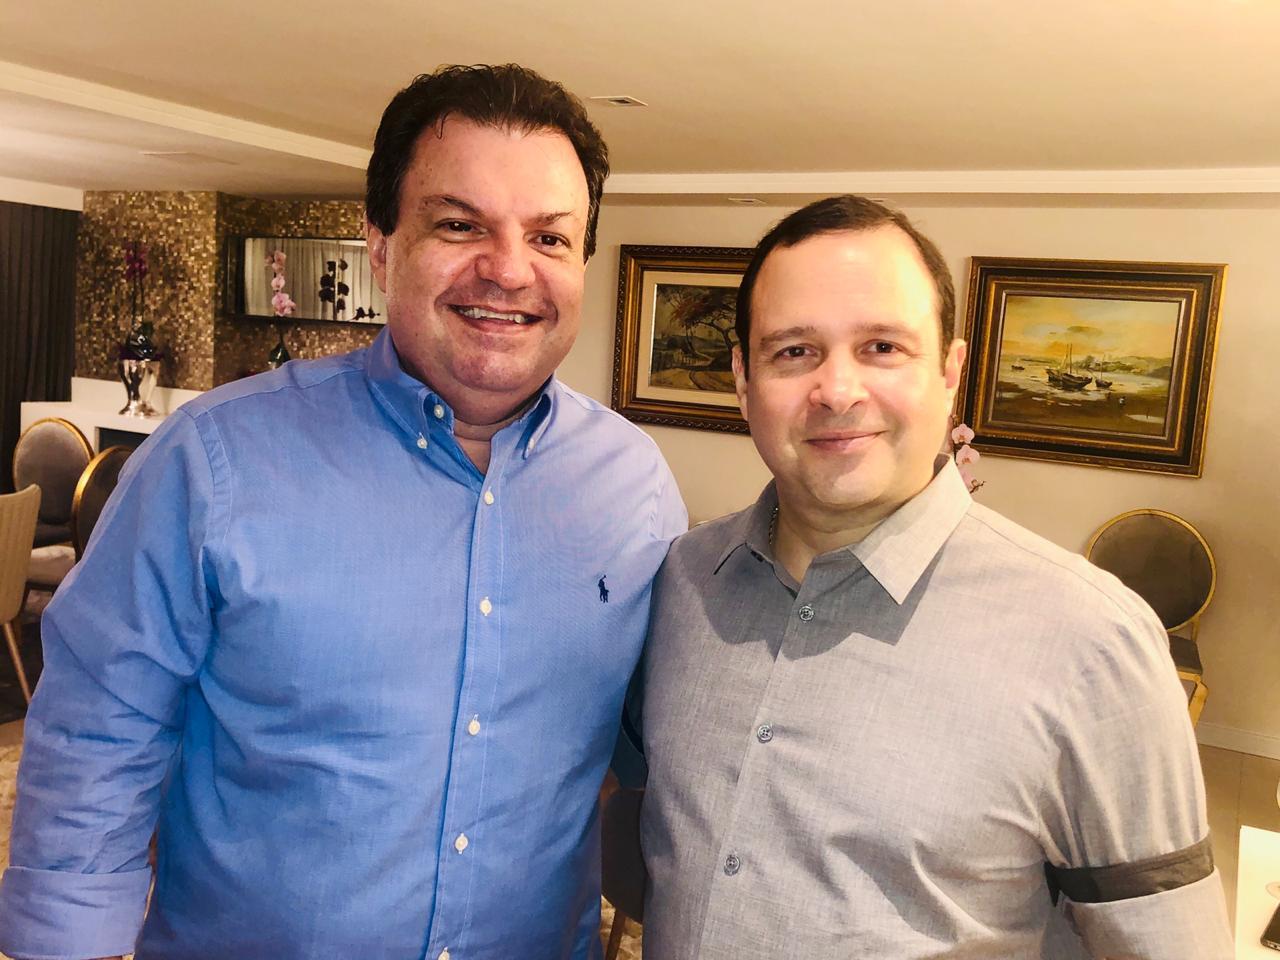 Fernando Ferrer poderá ser candidato a prefeito de Fortaleza pelo MDB